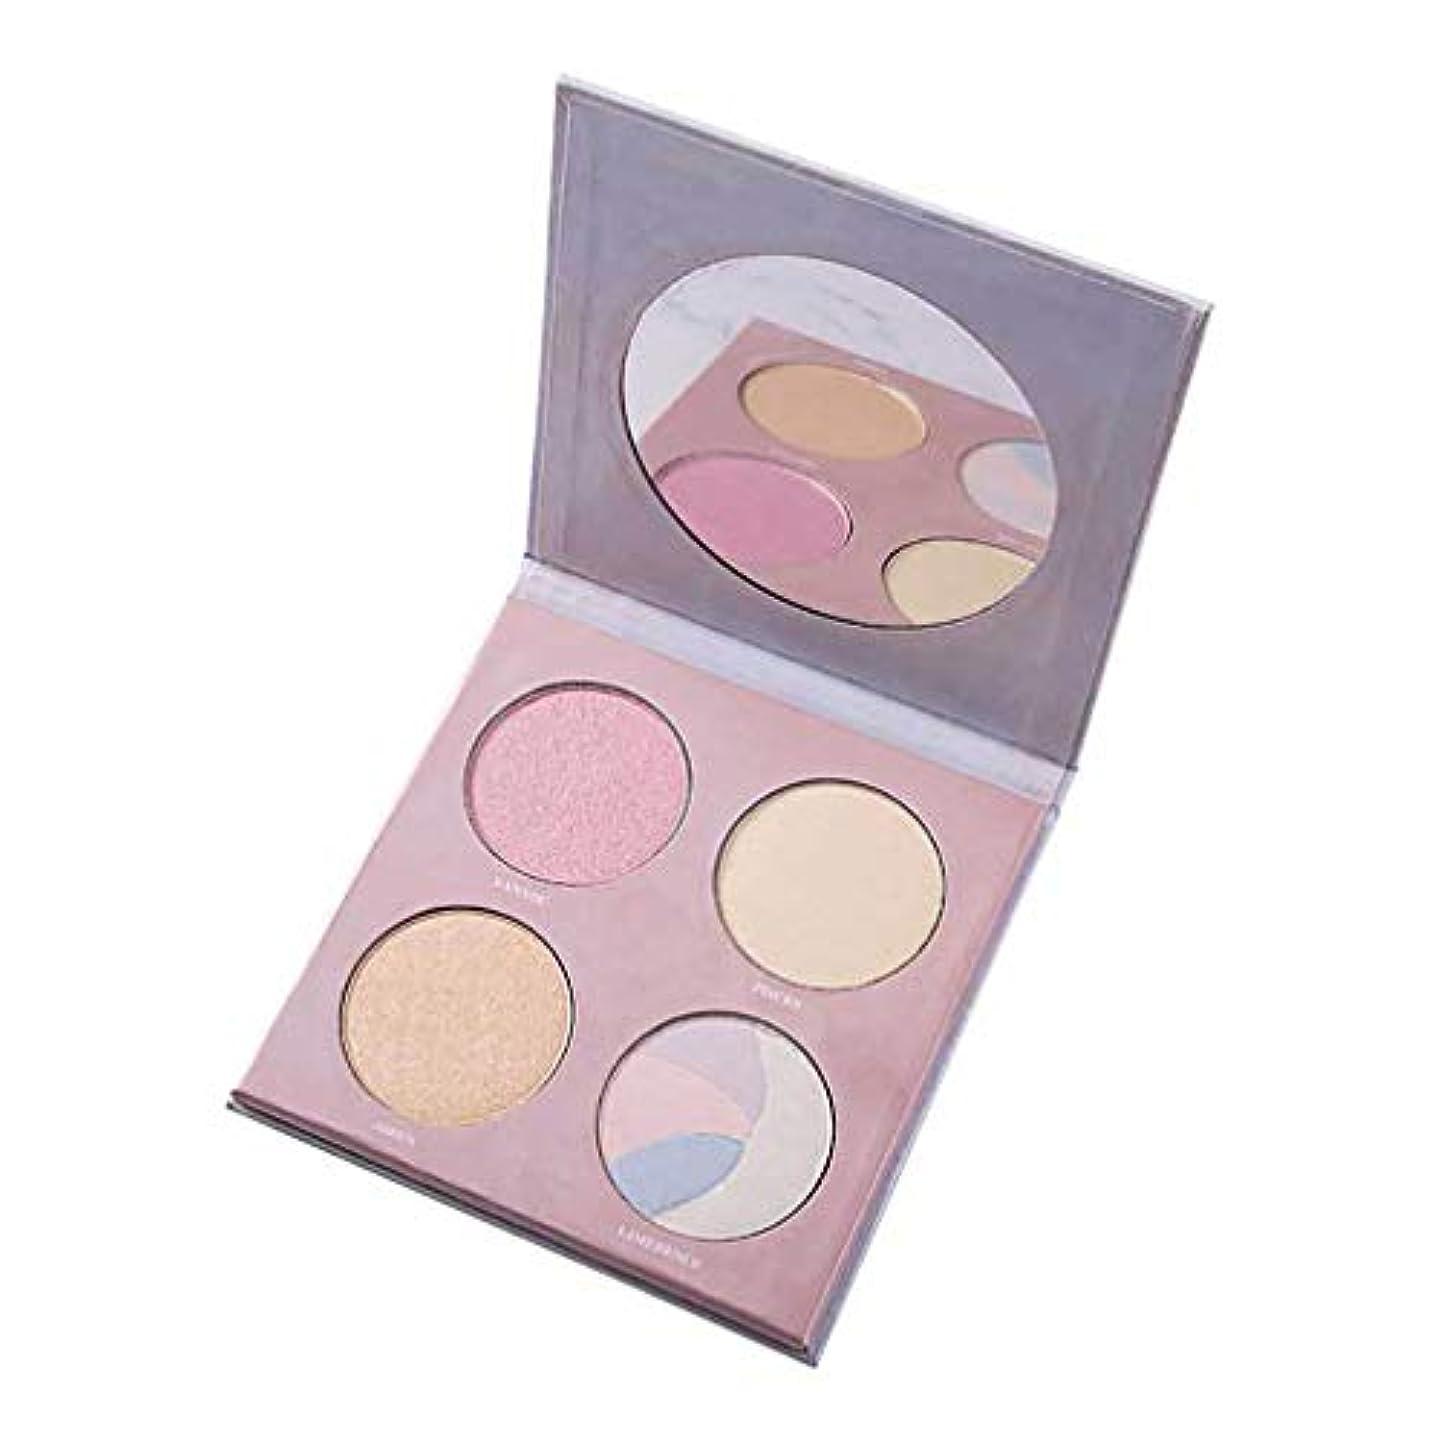 プロポーショナル感覚ぬれた明るい光アイシャドウパレットヌードバームミネラルパウダー顔料化粧品グリッターアイシャドウは、メイクアップメイクアップ